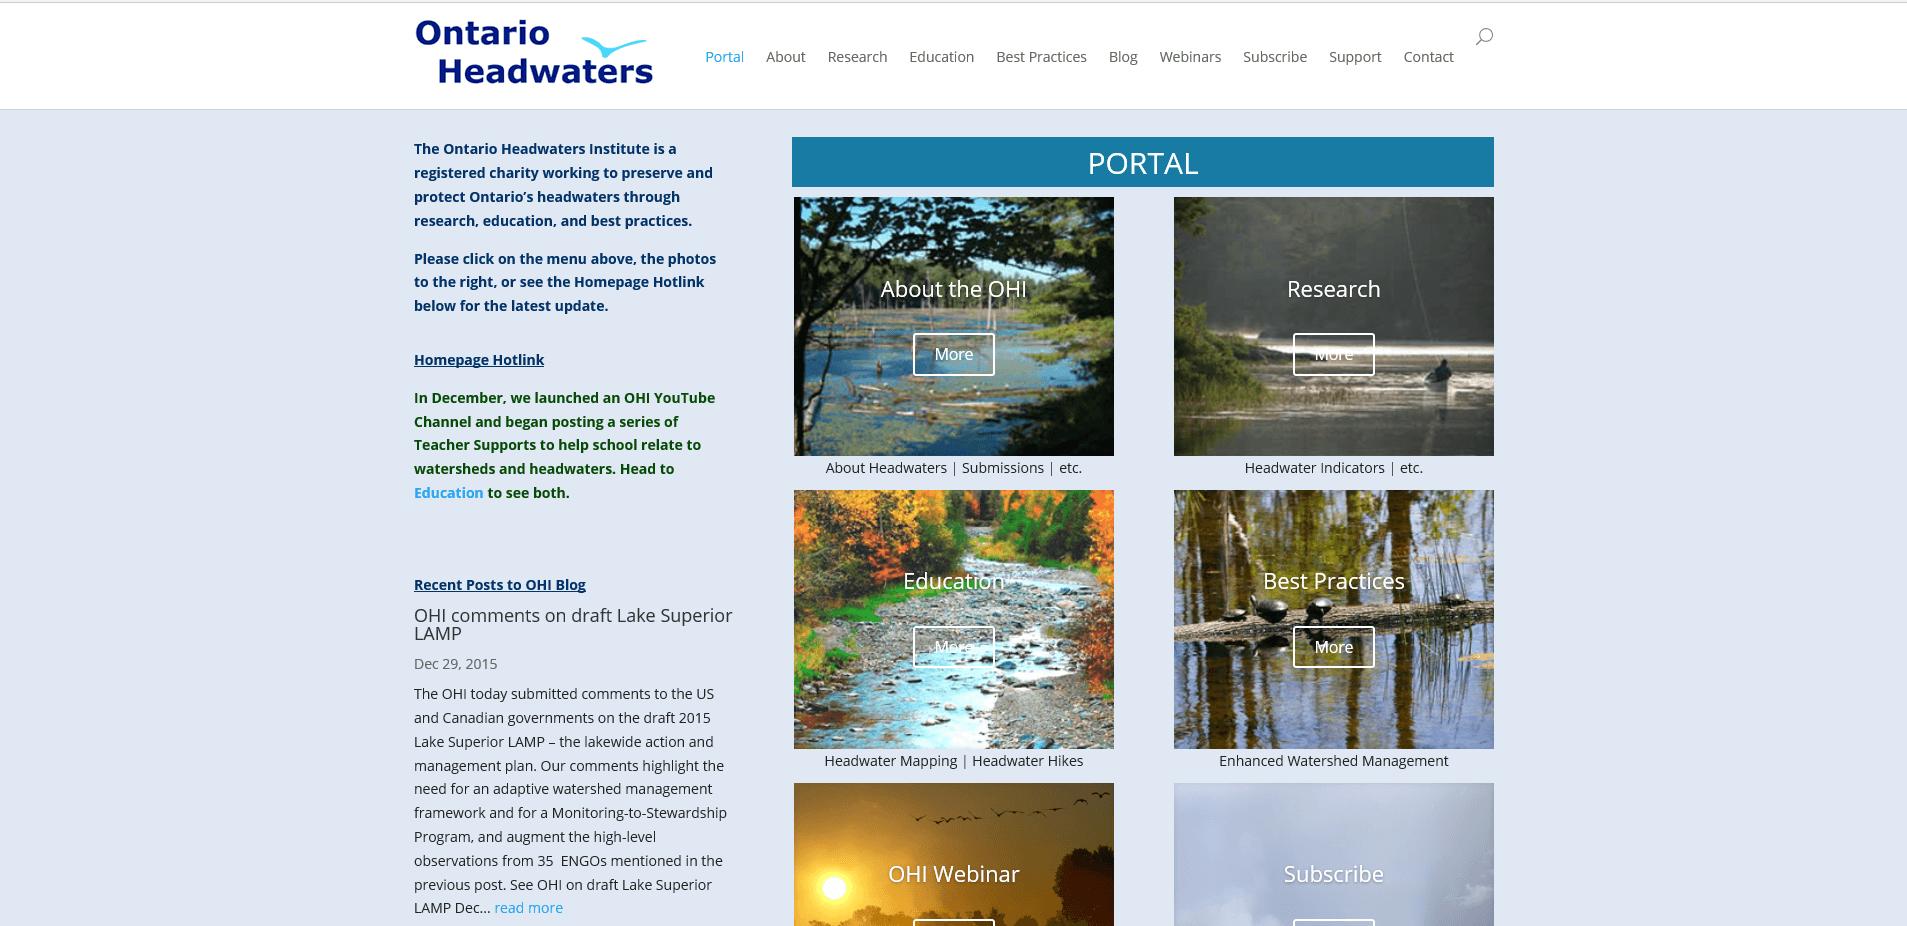 Ontario Headwaters Institute